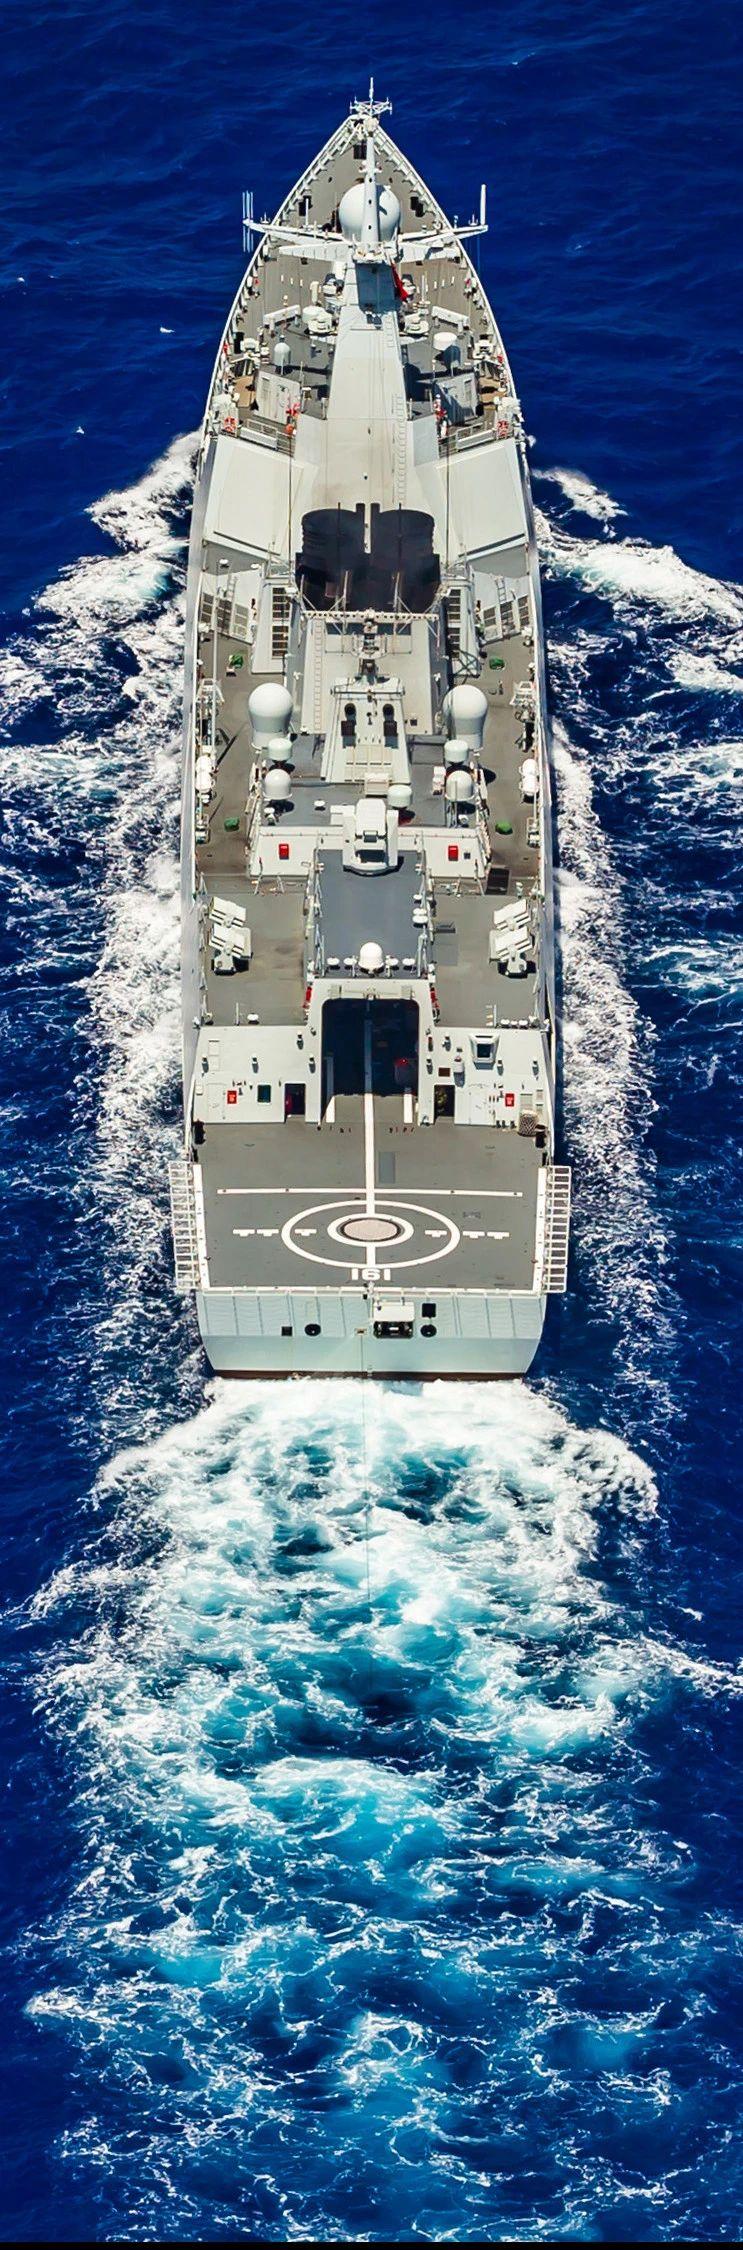 052D放出长长的尾巴,反潜能力那也是杠杠的……\n\n\n@图片来源:军网英文(摄影, Li Wei)